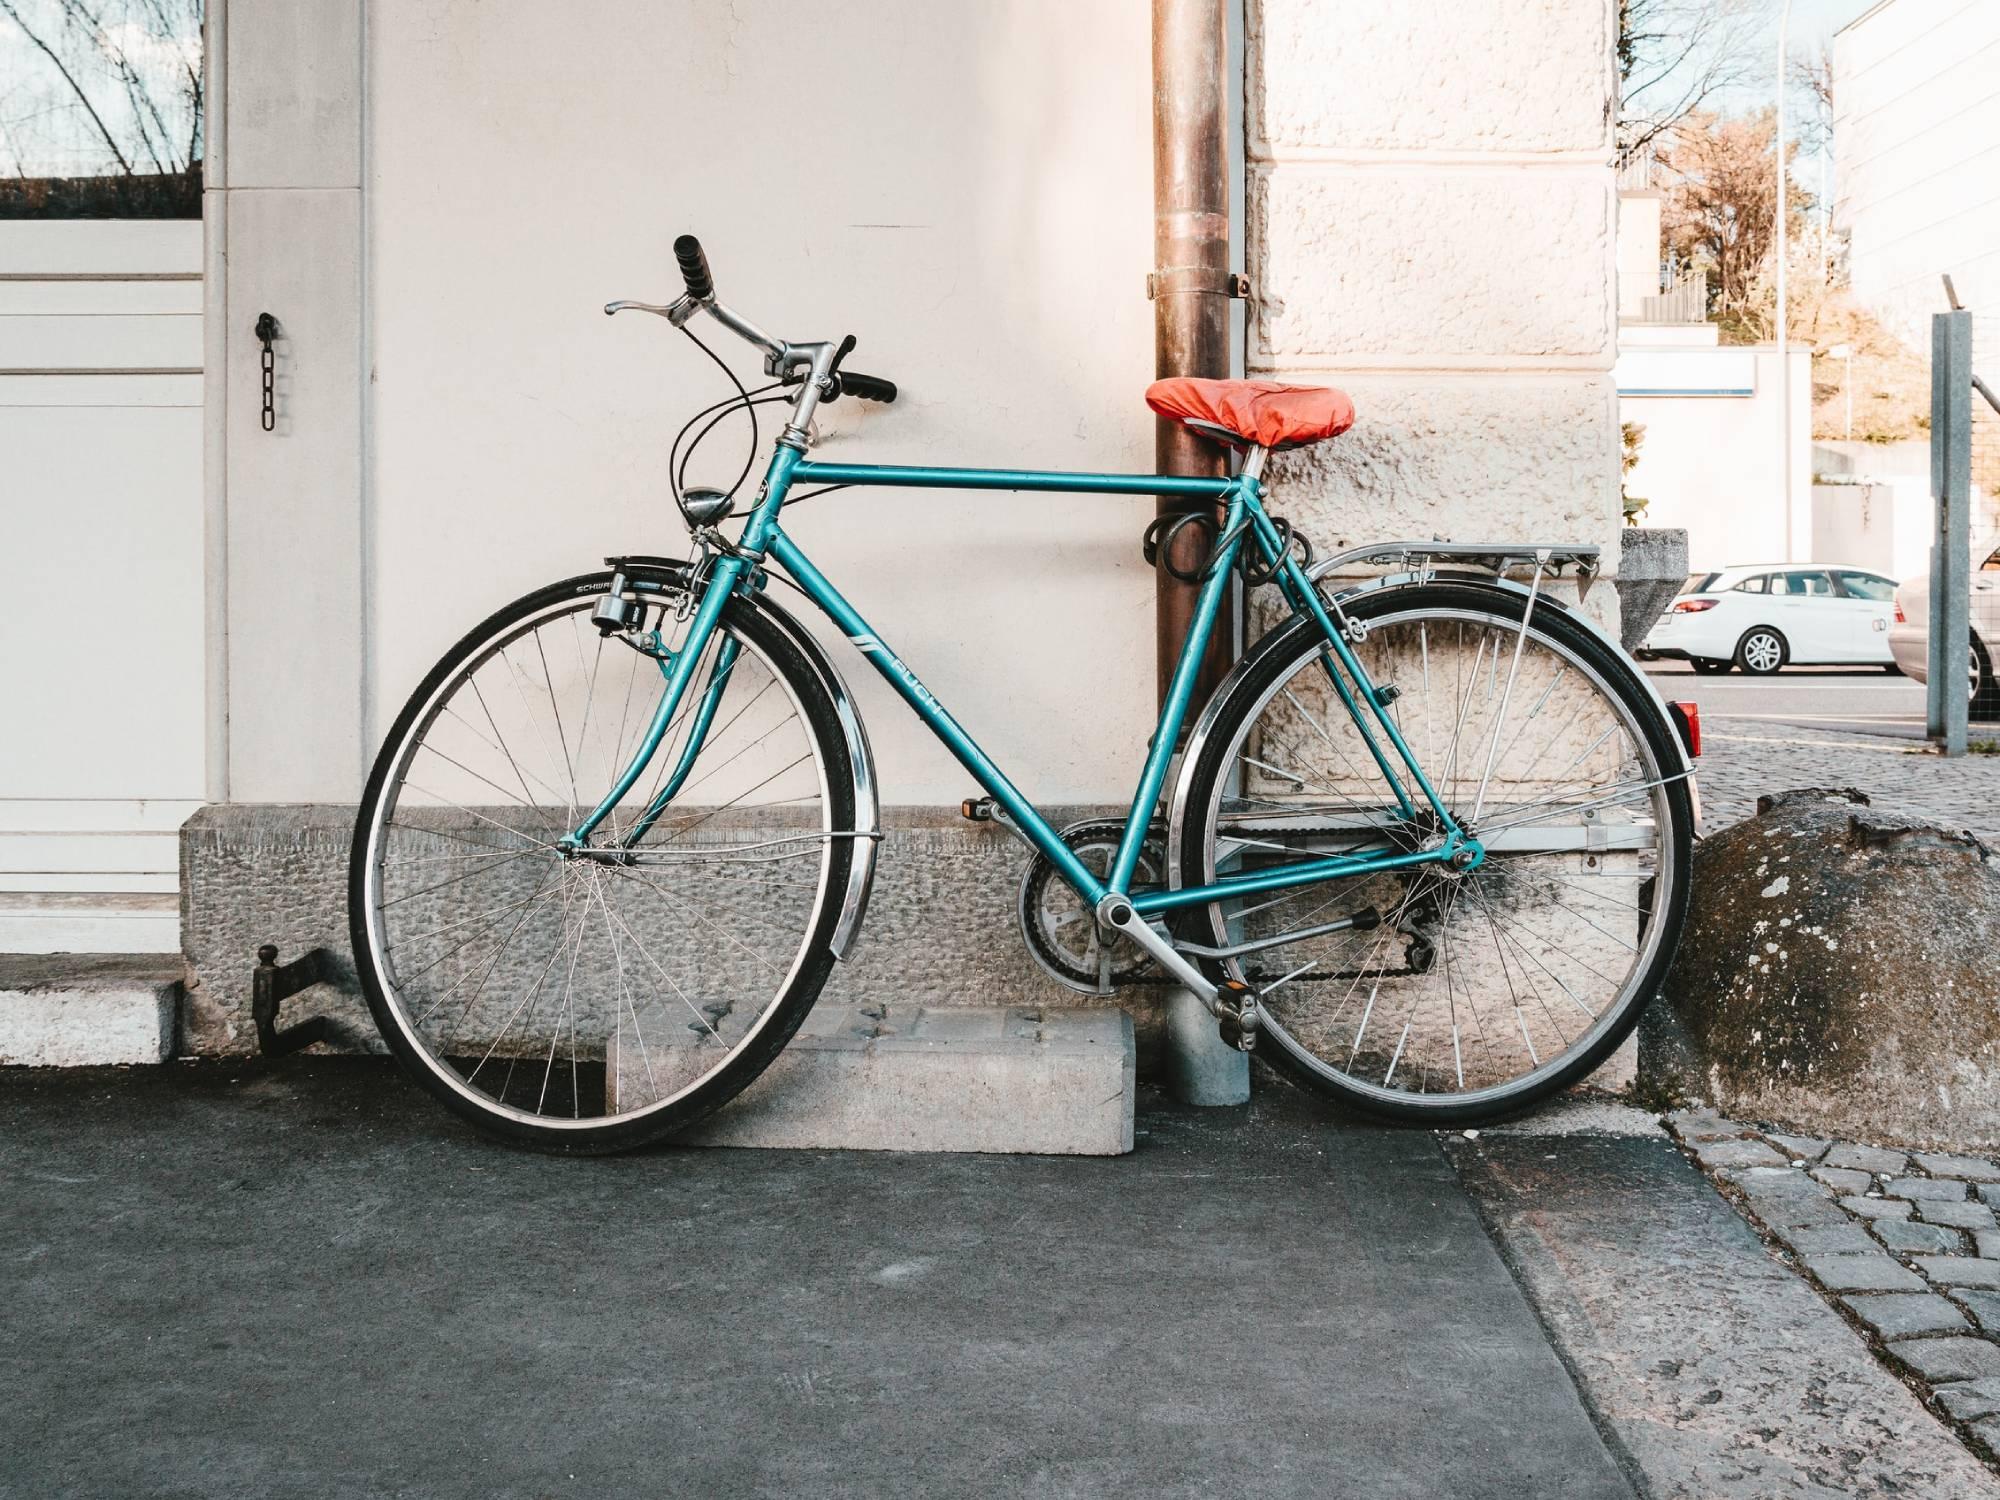 bike resting against wall